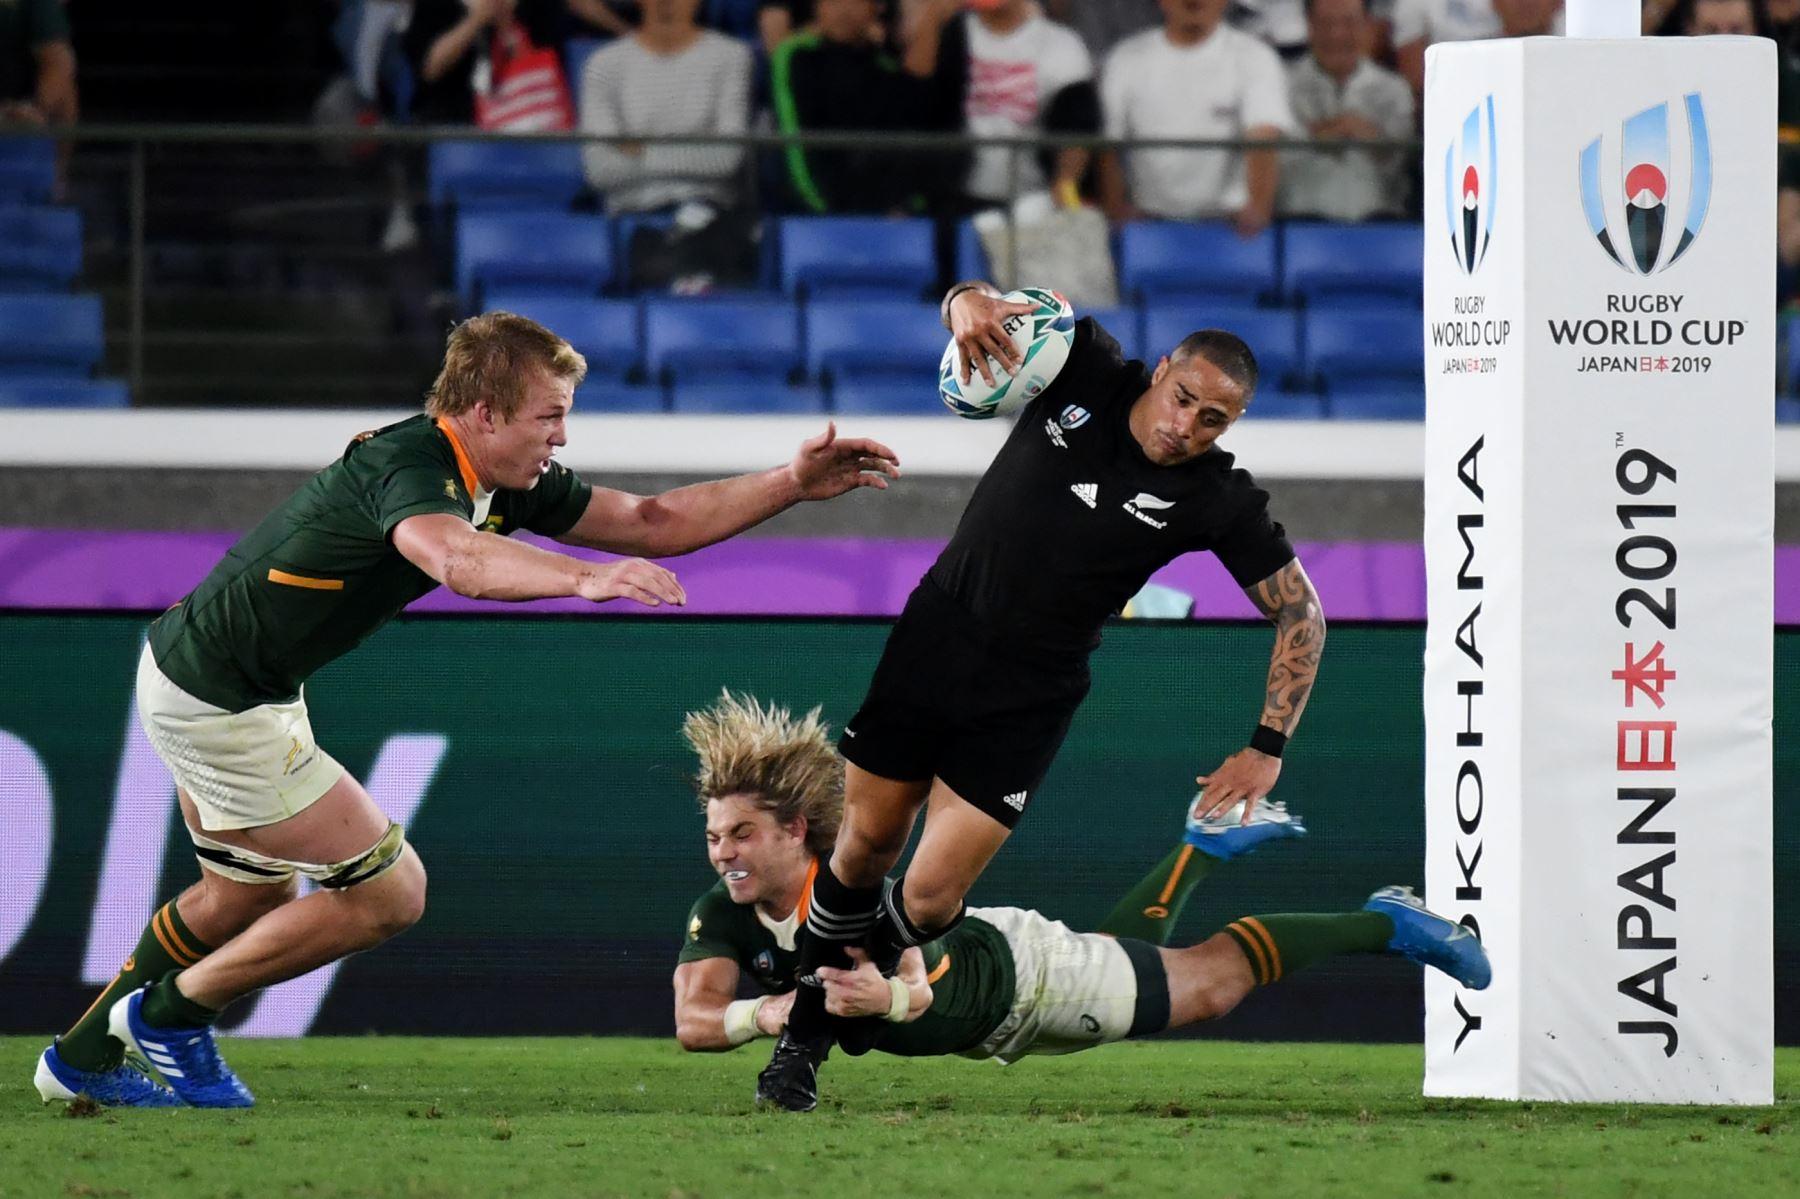 El medio scrum de Sudáfrica Faf de Klerk (abajo) aborda al medio scrum de Nueva Zelanda Aaron Smith (R) junto al compañero de equipo Pieter-Steph Du Toit (L) durante el partido del Grupo B de la Copa Mundial de Rugby de Japón 2019. Foto: AFP